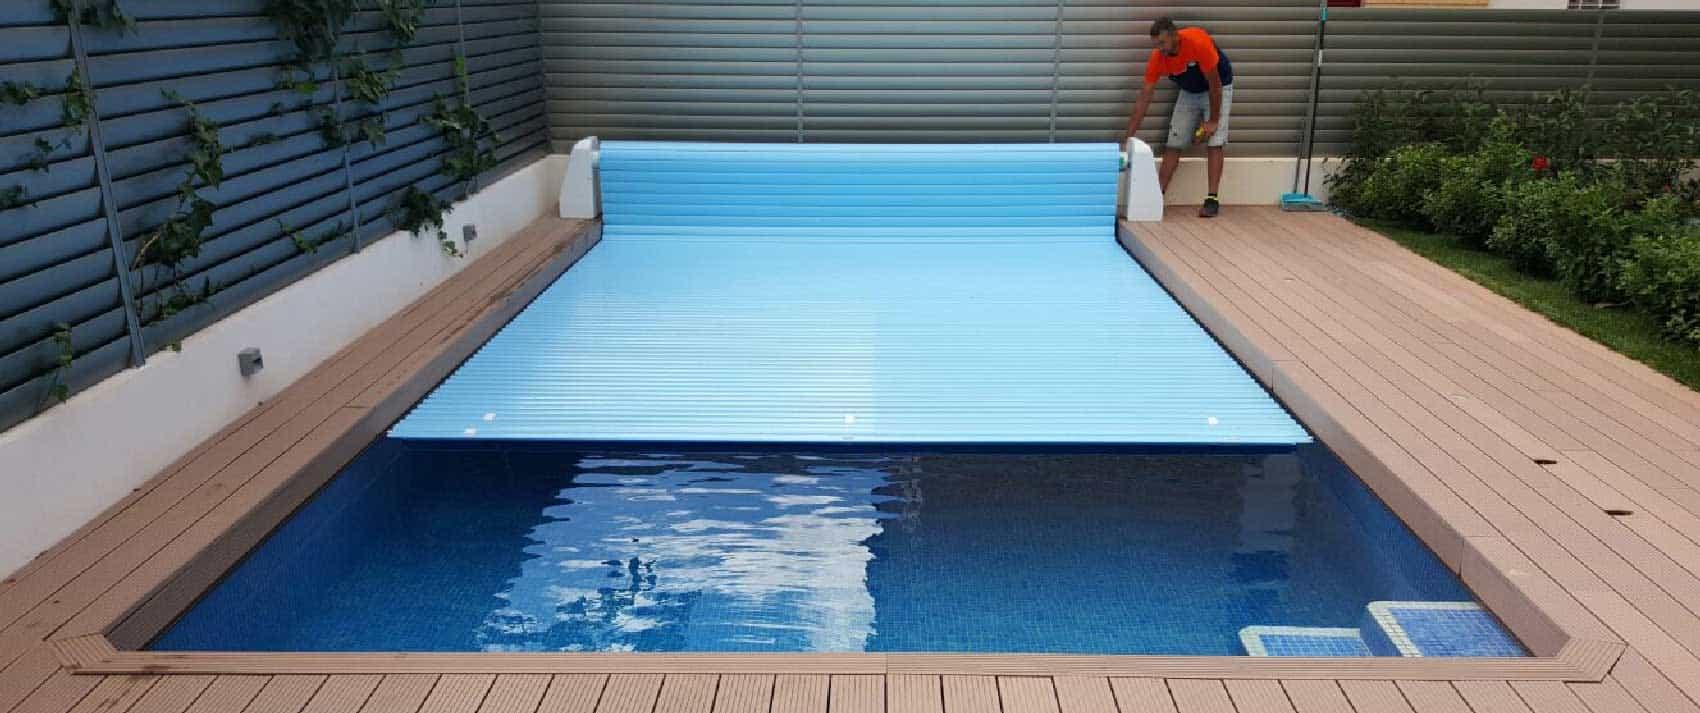 lona para piscina abriéndoselas